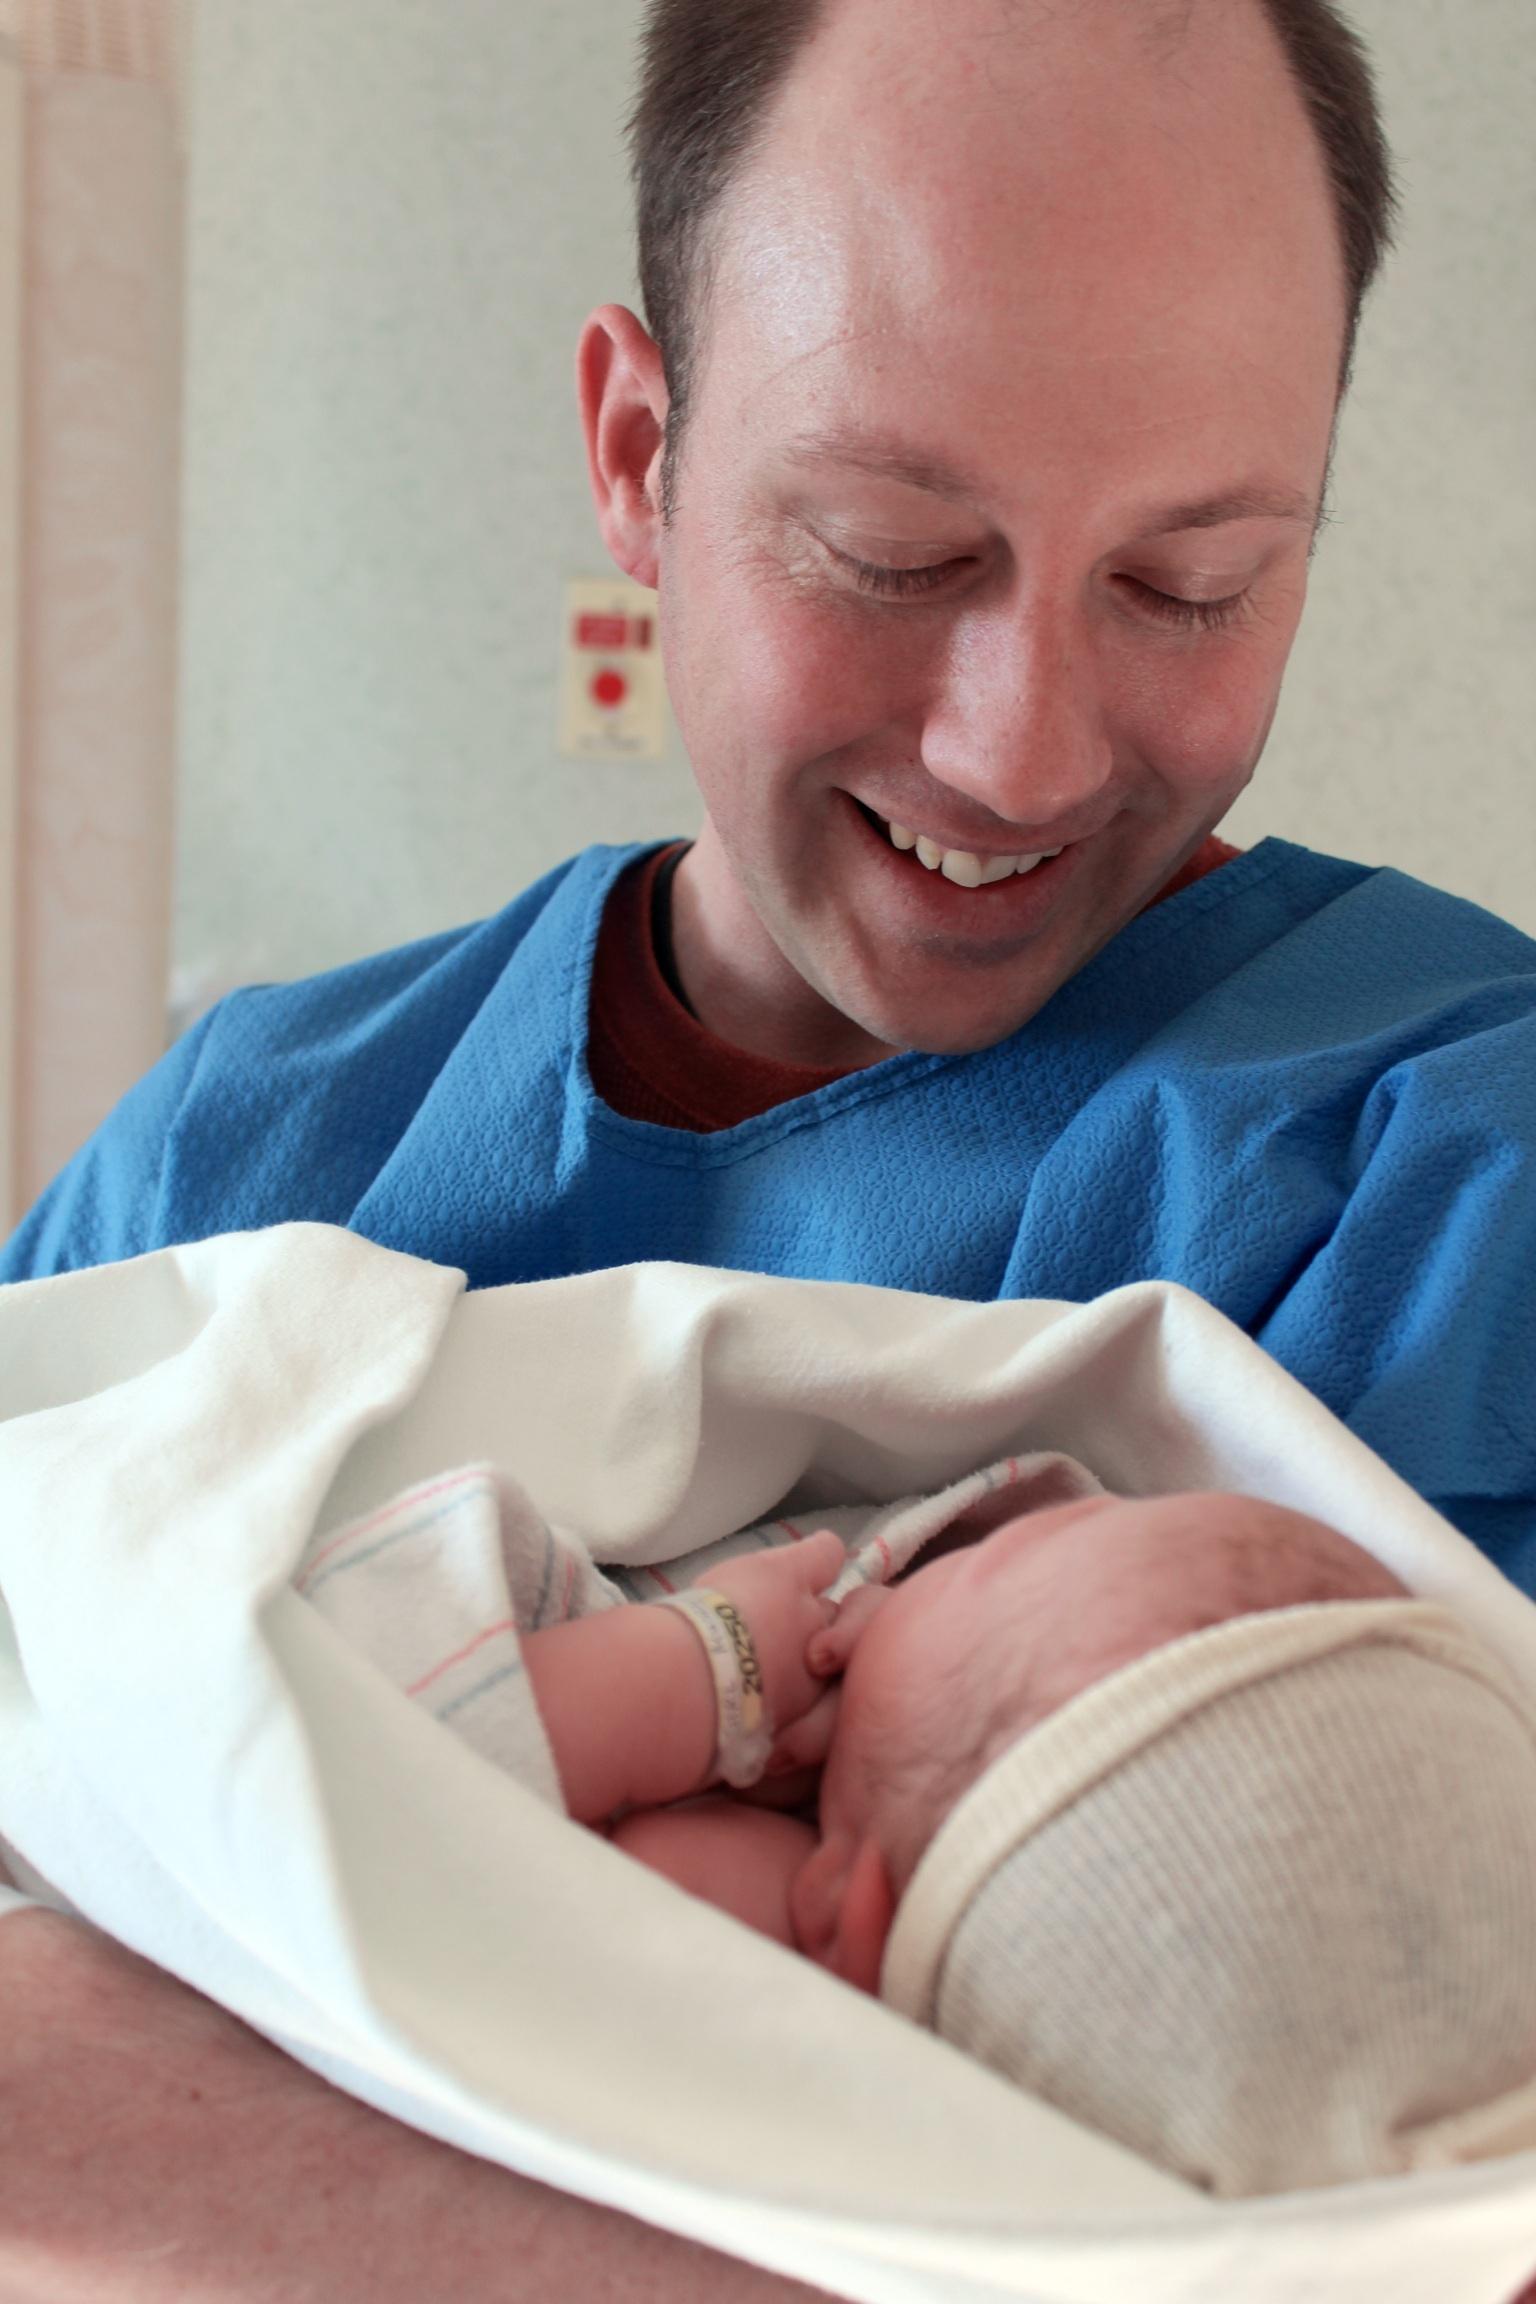 Happy birth in Western MA